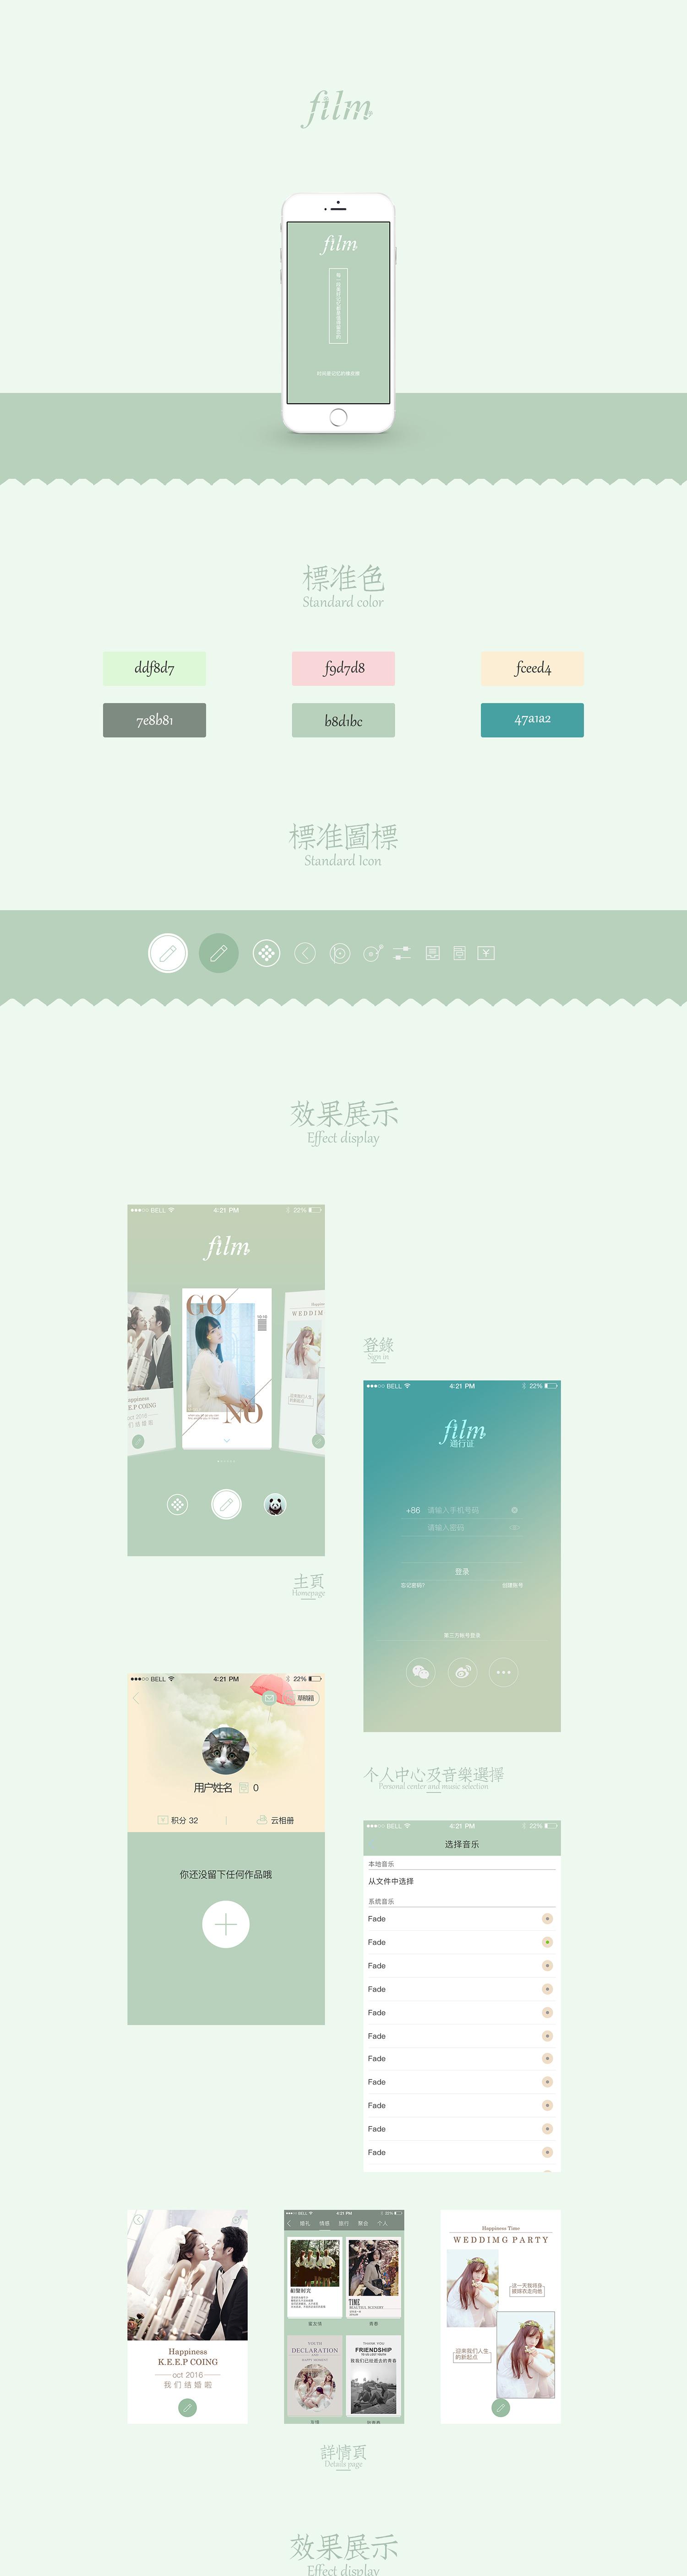 胶片(音乐相册app)图片